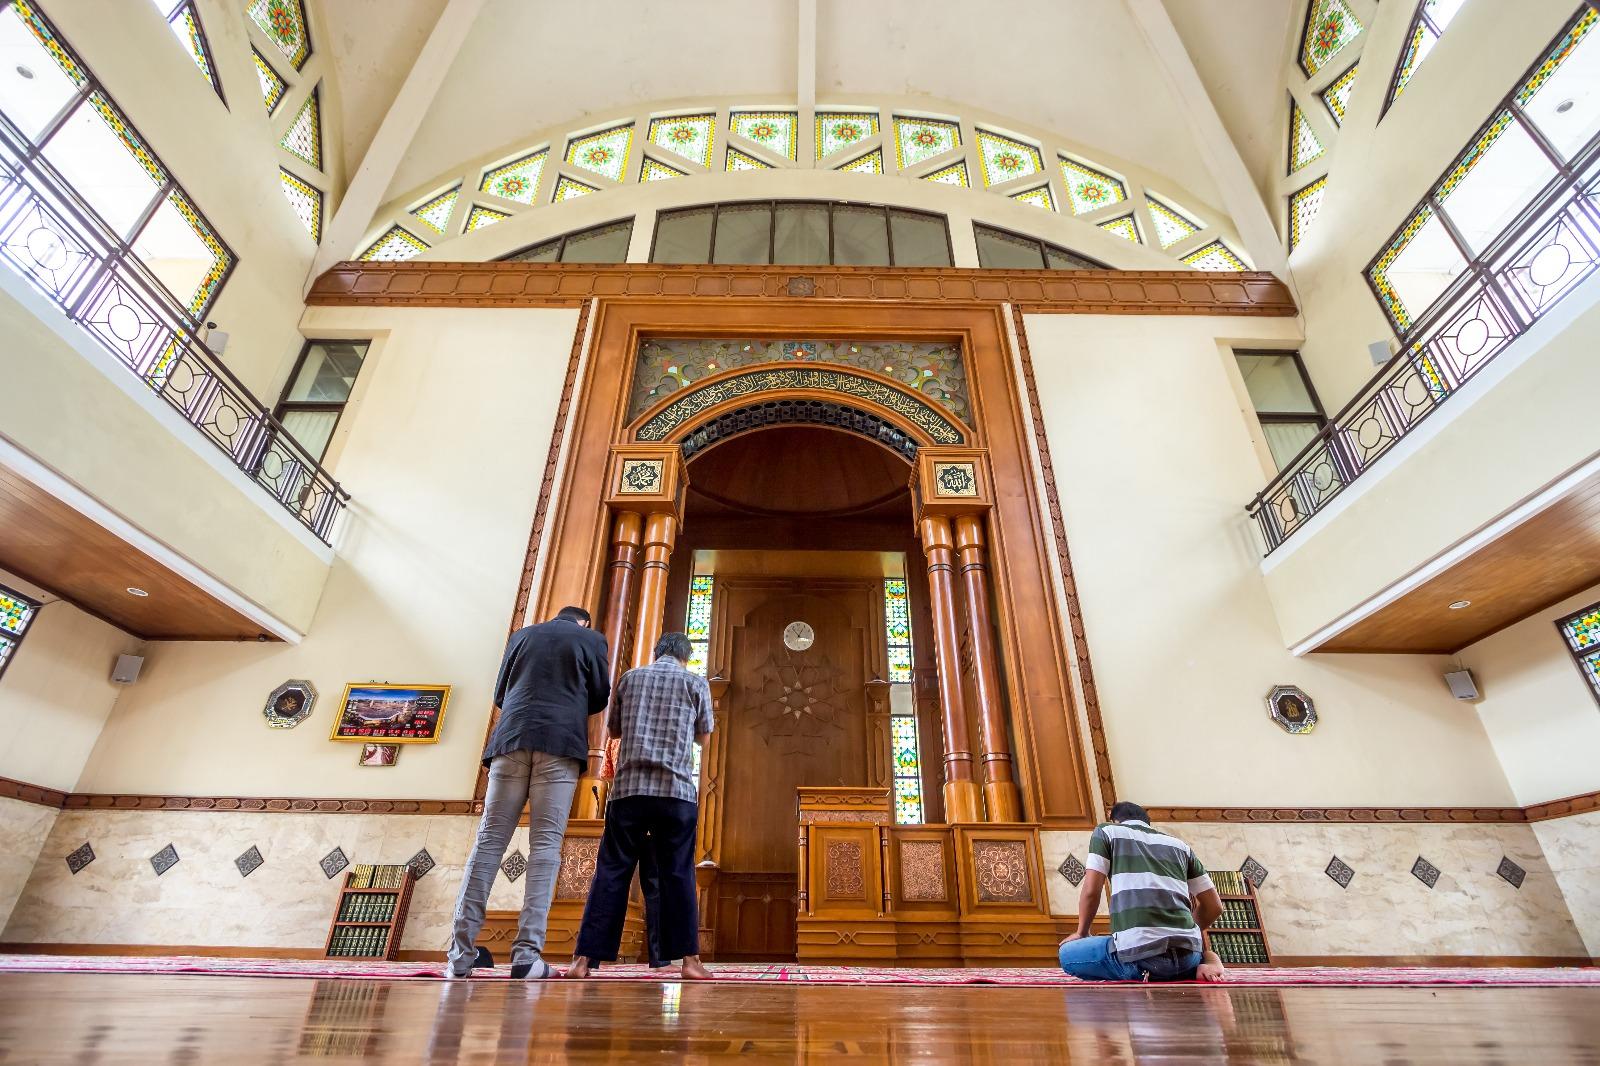 كيف يكون الإقبال في كل جزء من أجزاء الصلاة